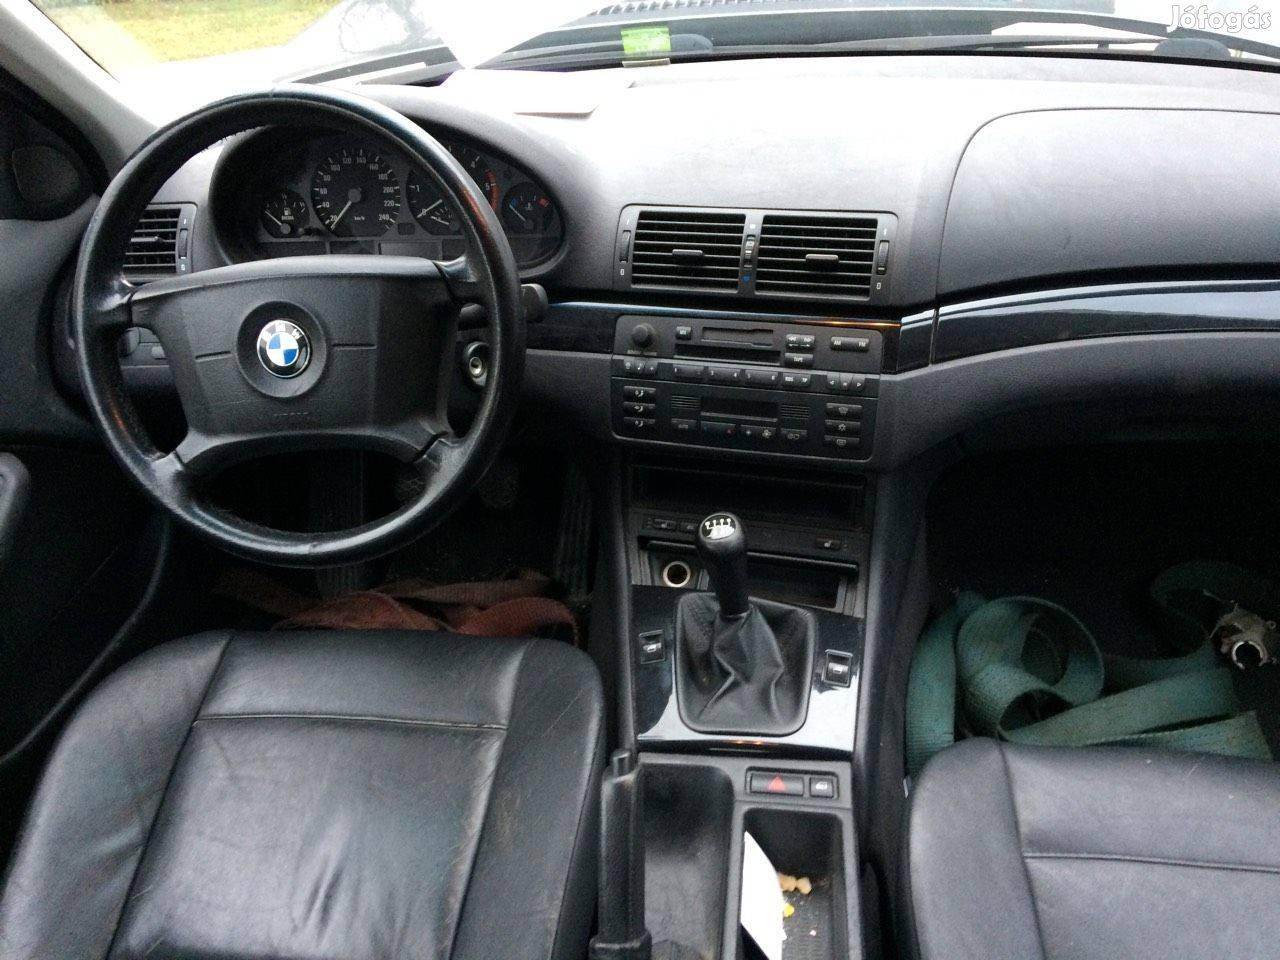 BMW 320d 2001-es alkatrészei eladók